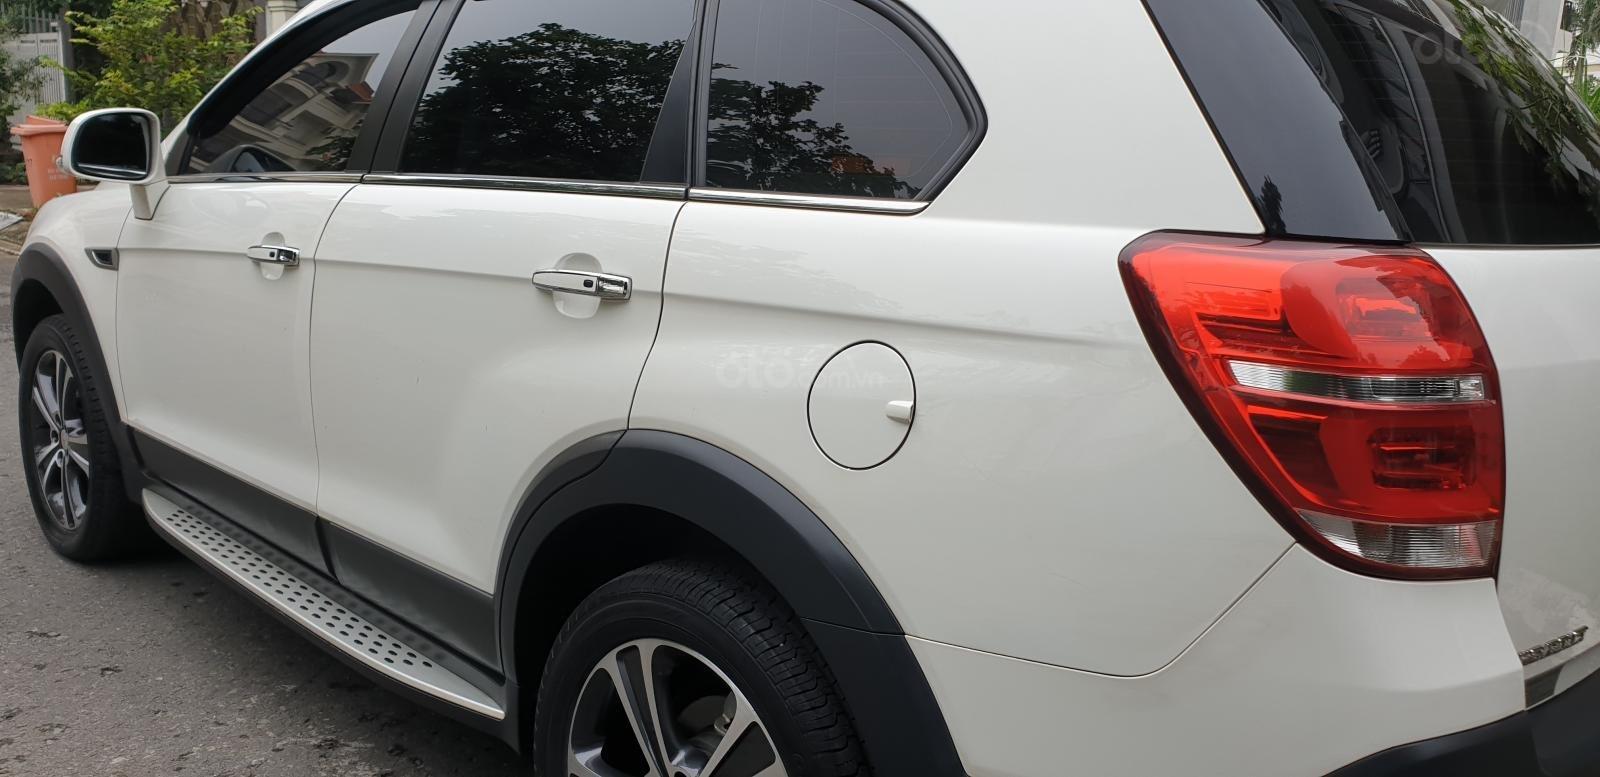 Bán Chevrolet Captiva LTZ máy Ecotec số tự động model 2016, SX T12/ 2015, màu trắng, đẹp mới 90% (8)